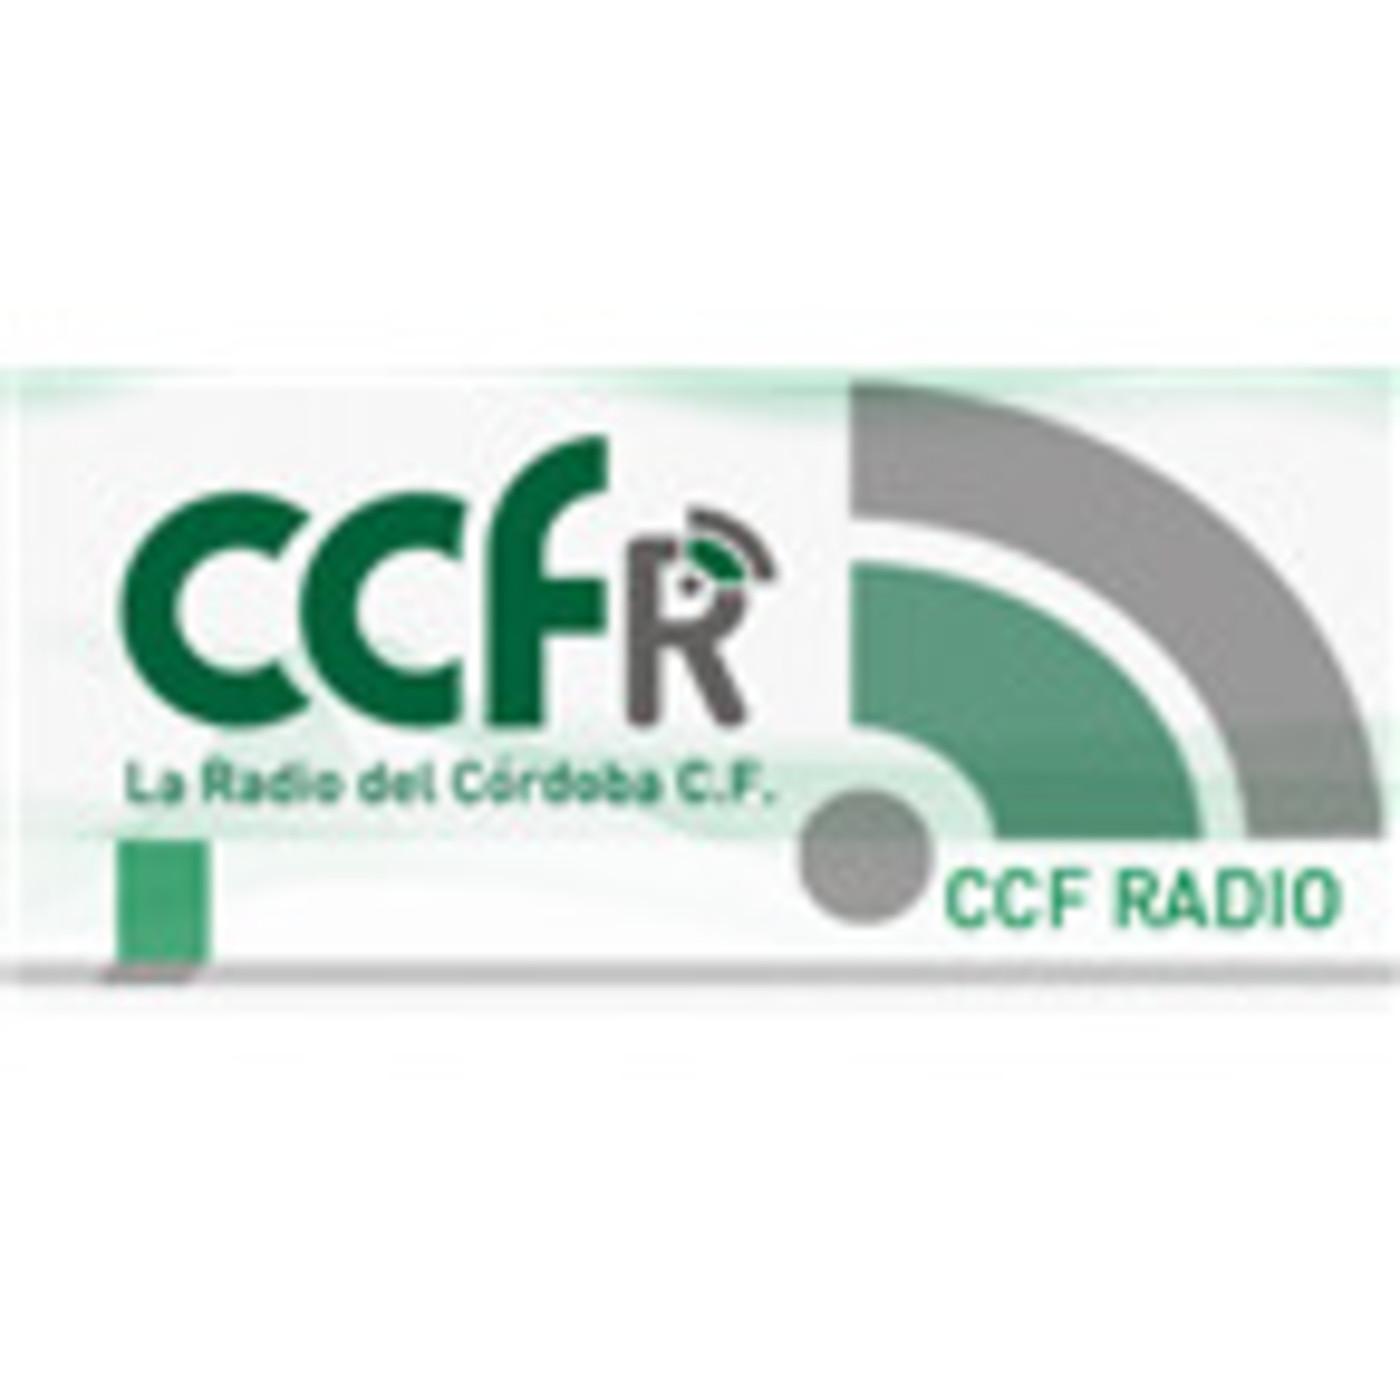 - CCF RADIO (Cordoba C.F. Radio